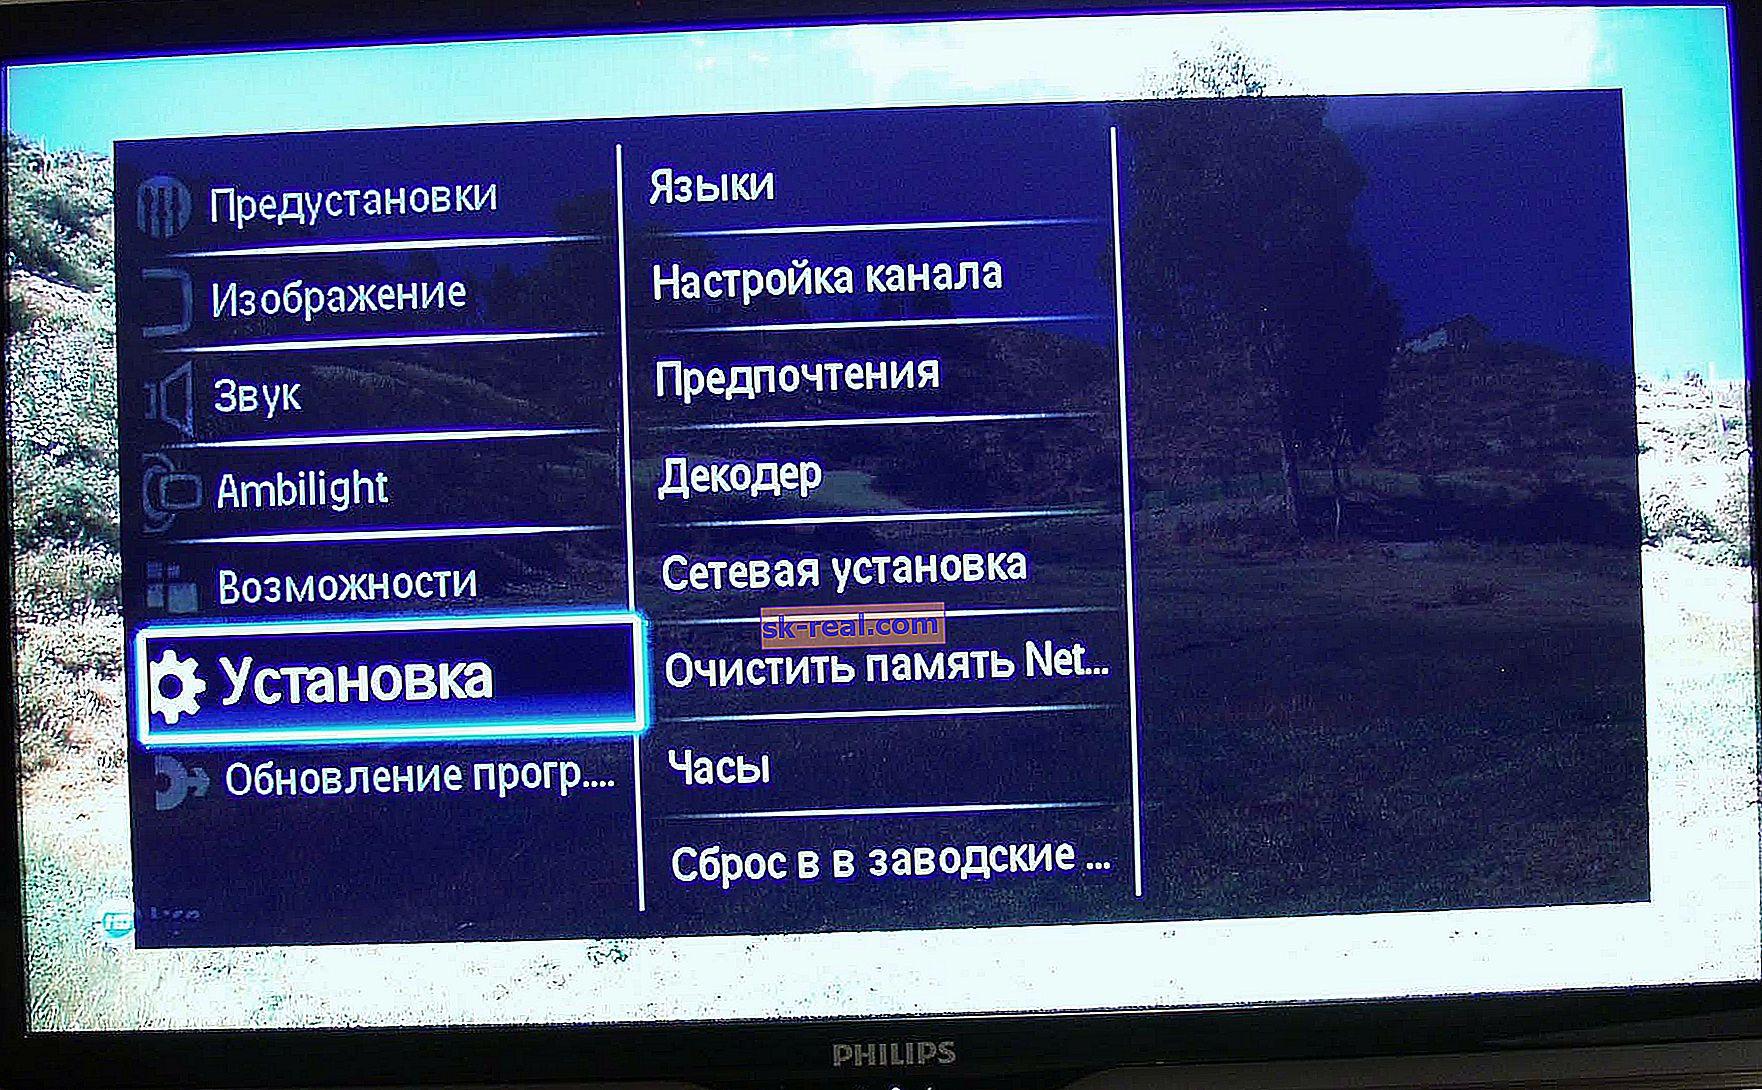 Jak włączyć i skonfigurować telewizor Philips bez pilota?